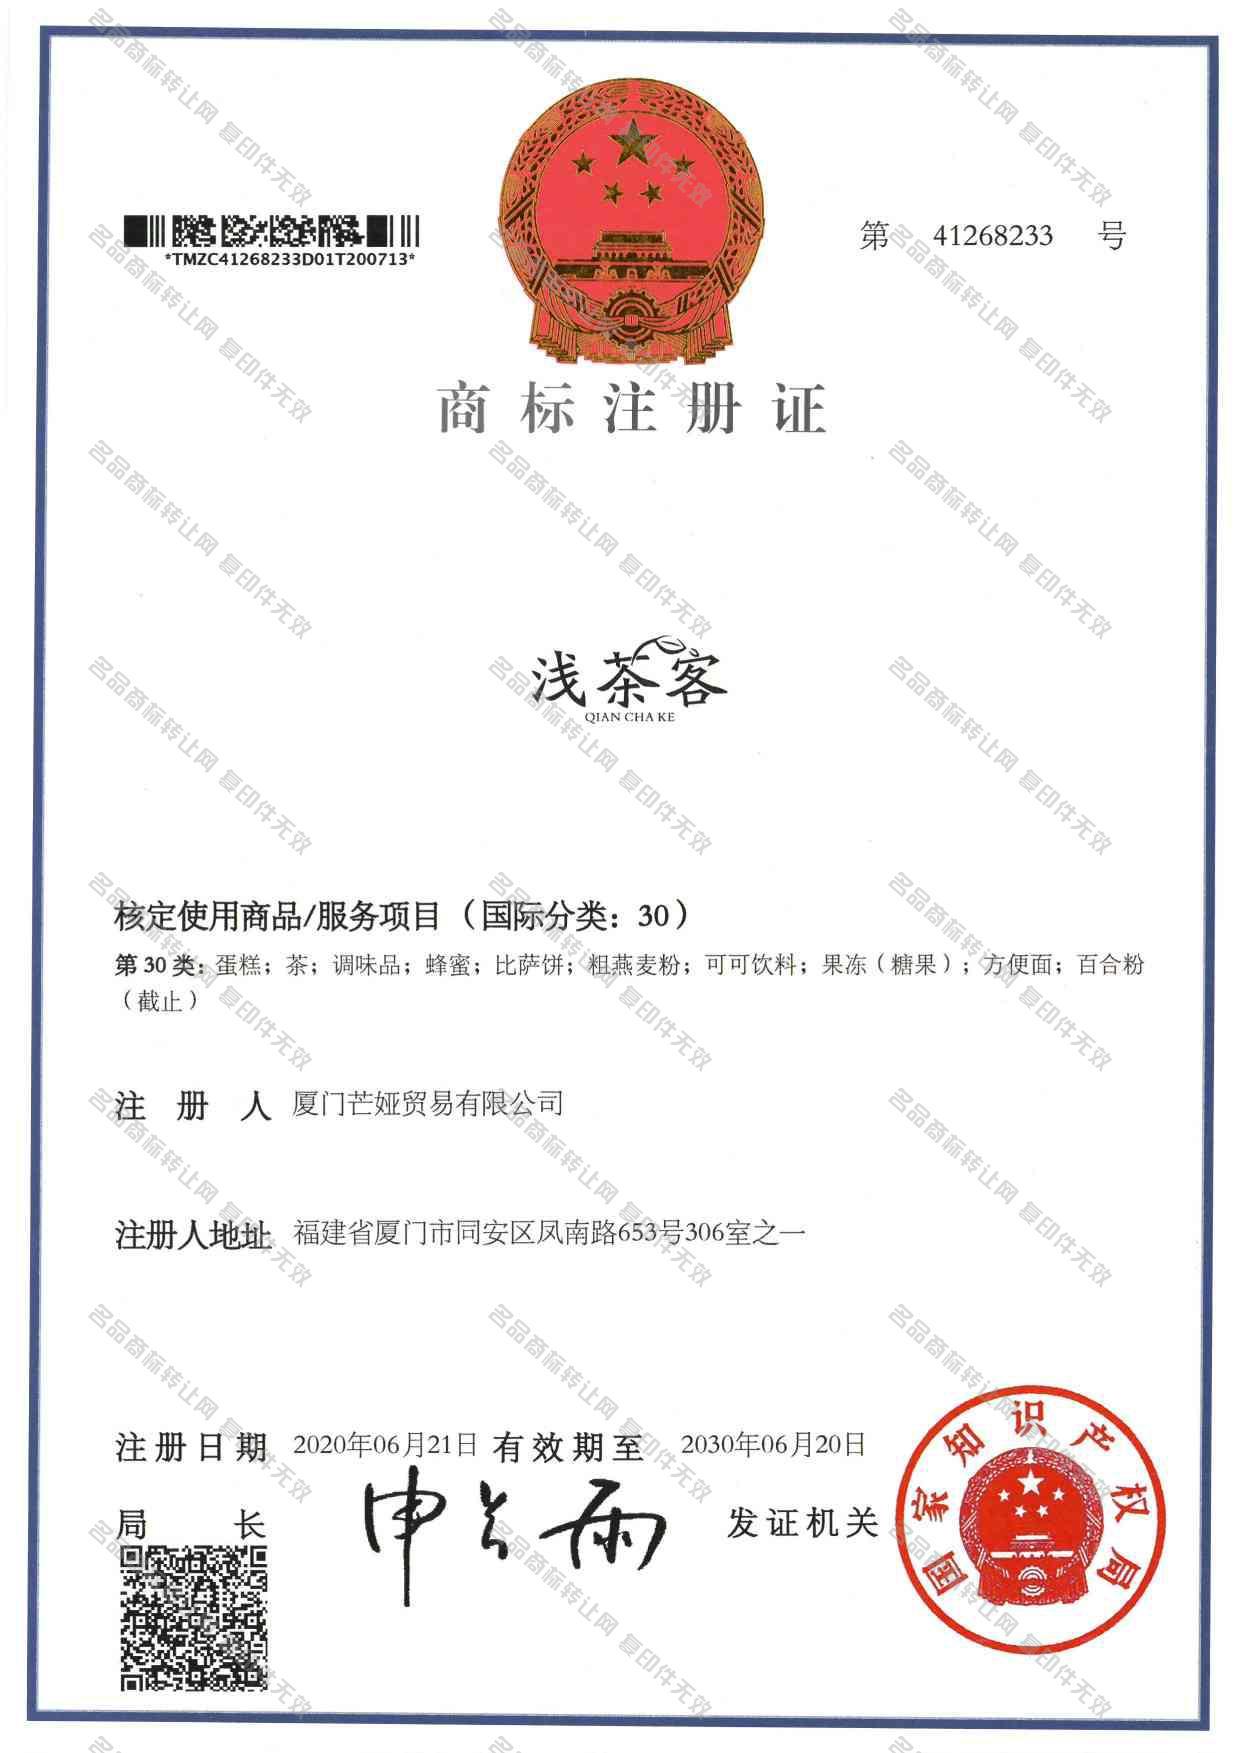 浅茶客;QIANCHAKE注册证